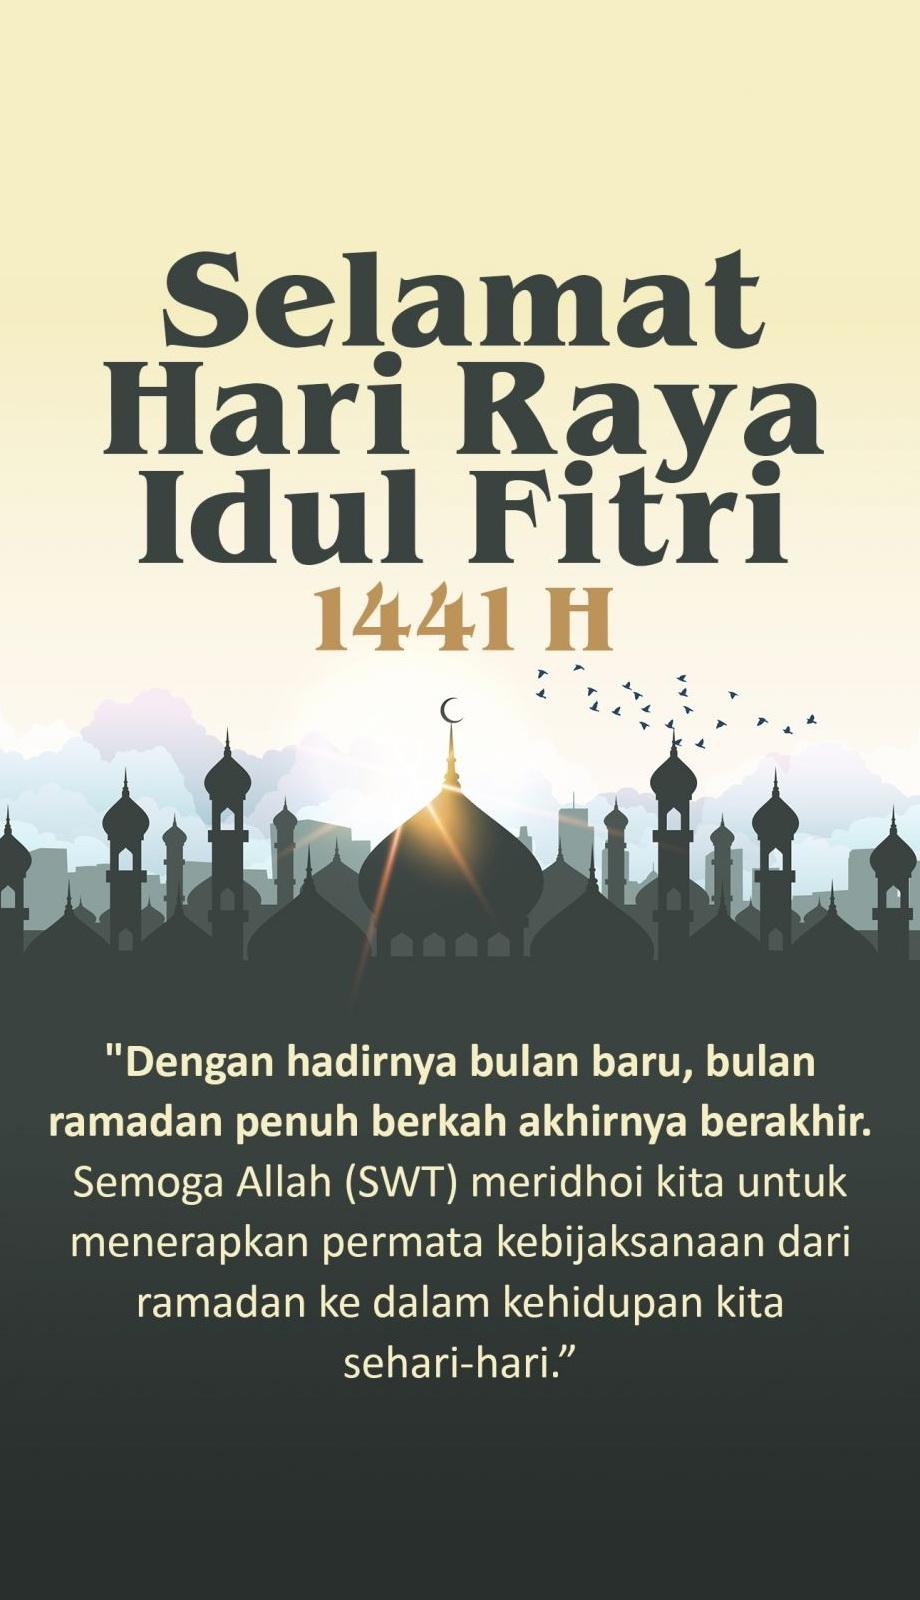 Gambar Ucapan Selamat Hari Raya Idul Fitri 1441 H 2020